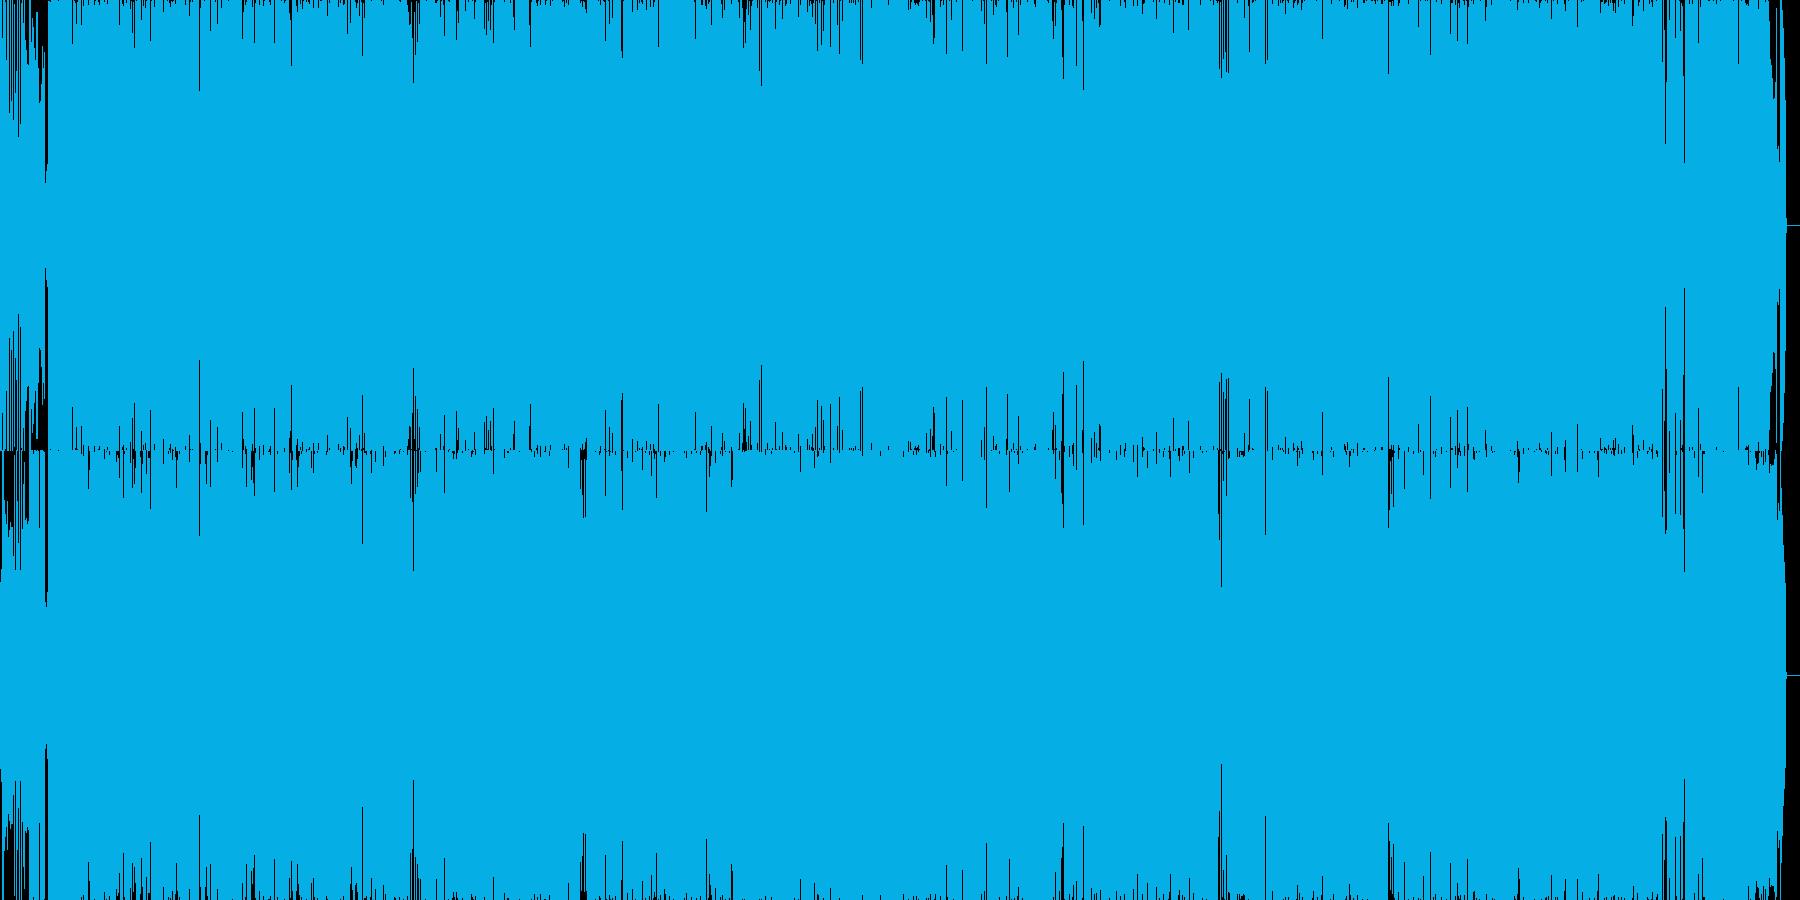 江戸から東京へ・・・爽快フォークポップスの再生済みの波形